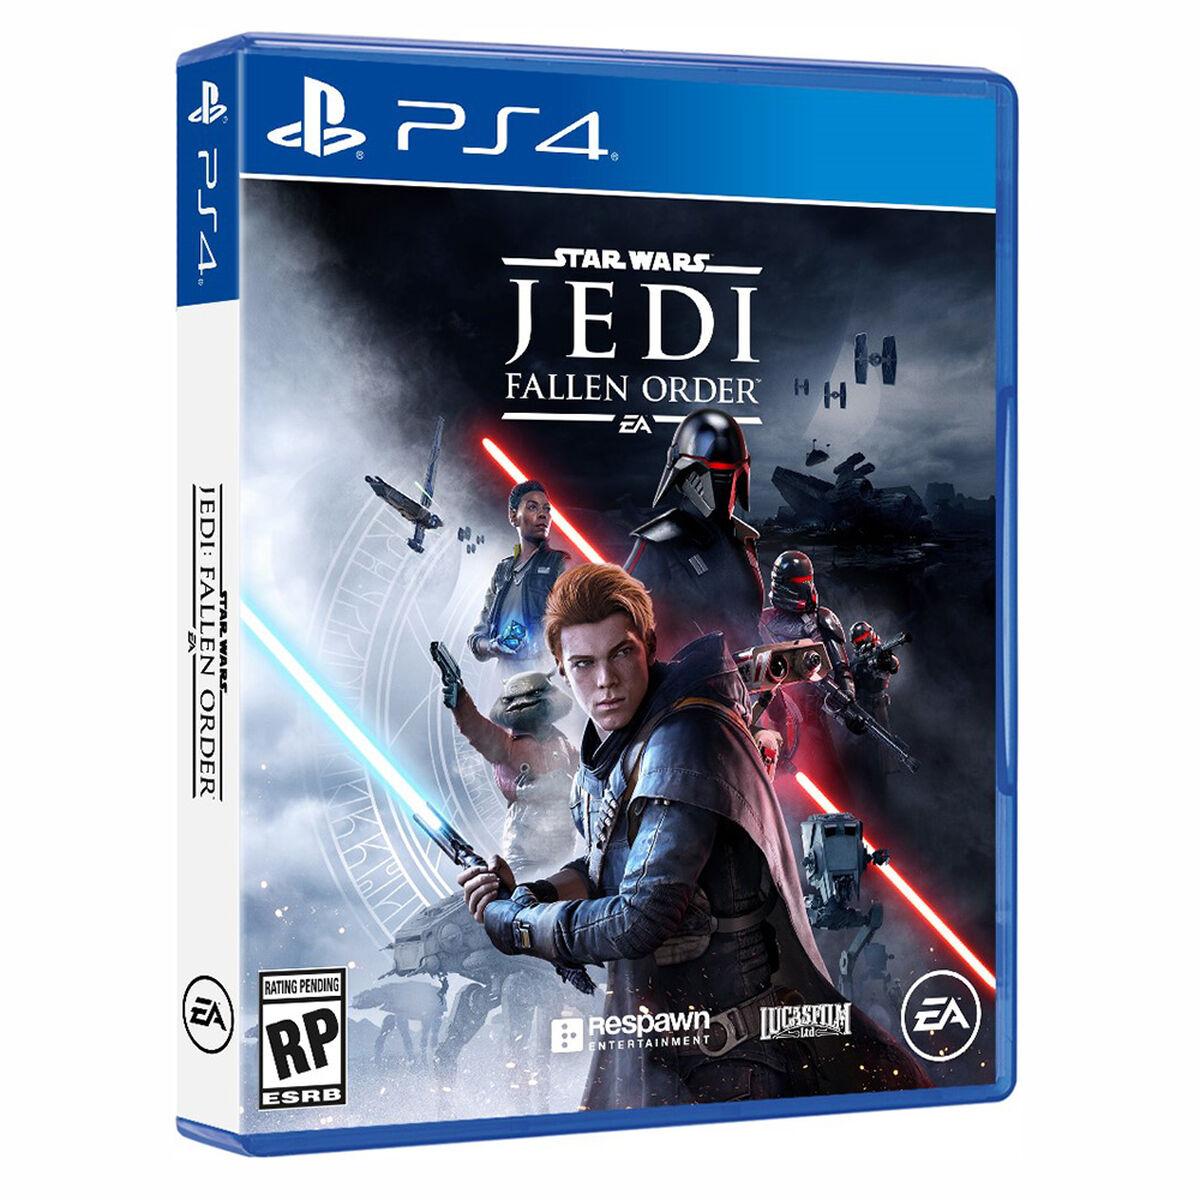 Juego PS4 Star Wars Jedi: La Orden Caída